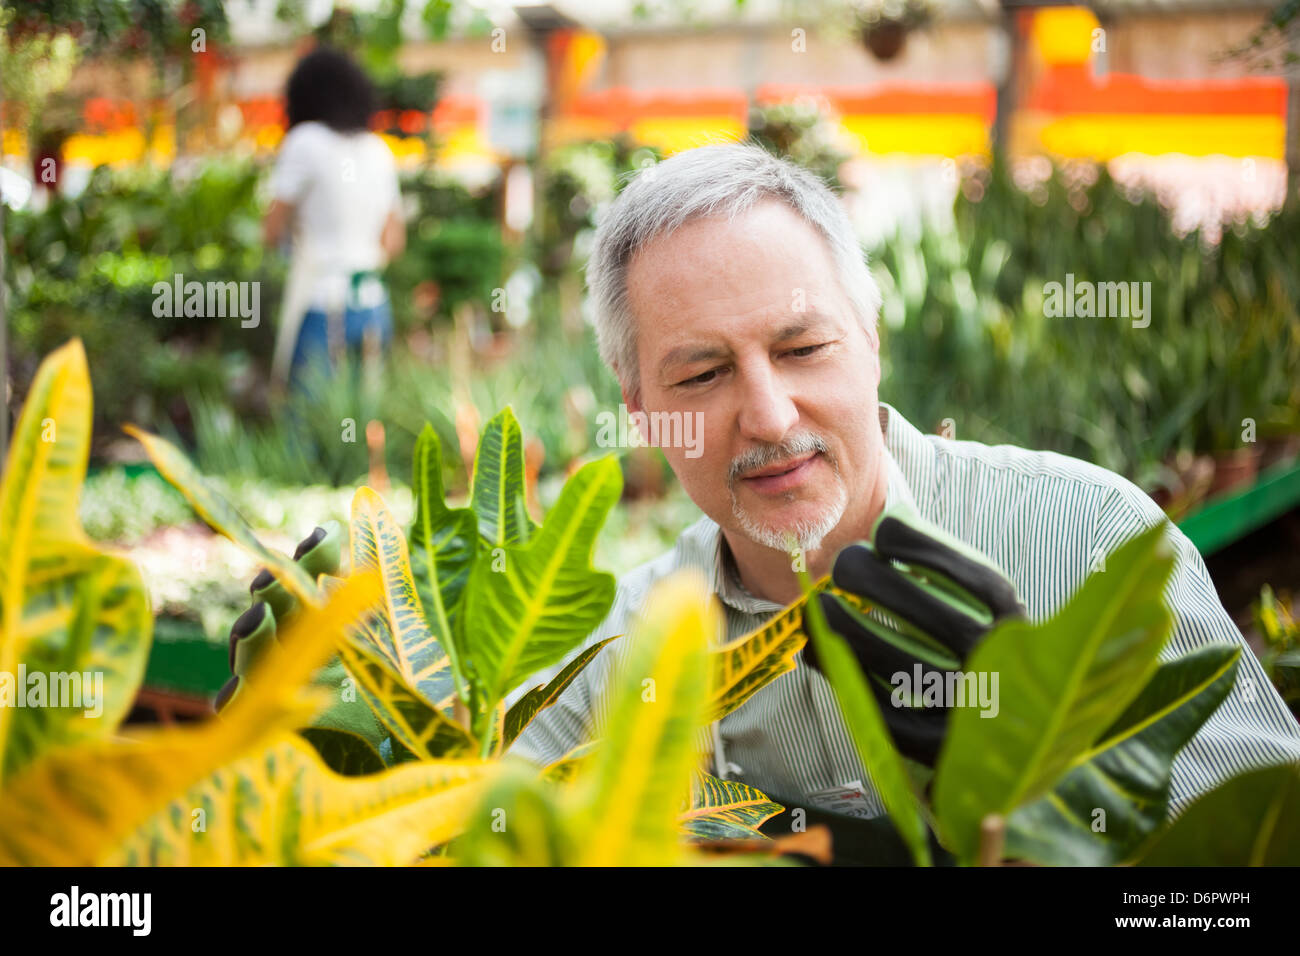 El hombre controlar una planta en un invernadero Foto de stock